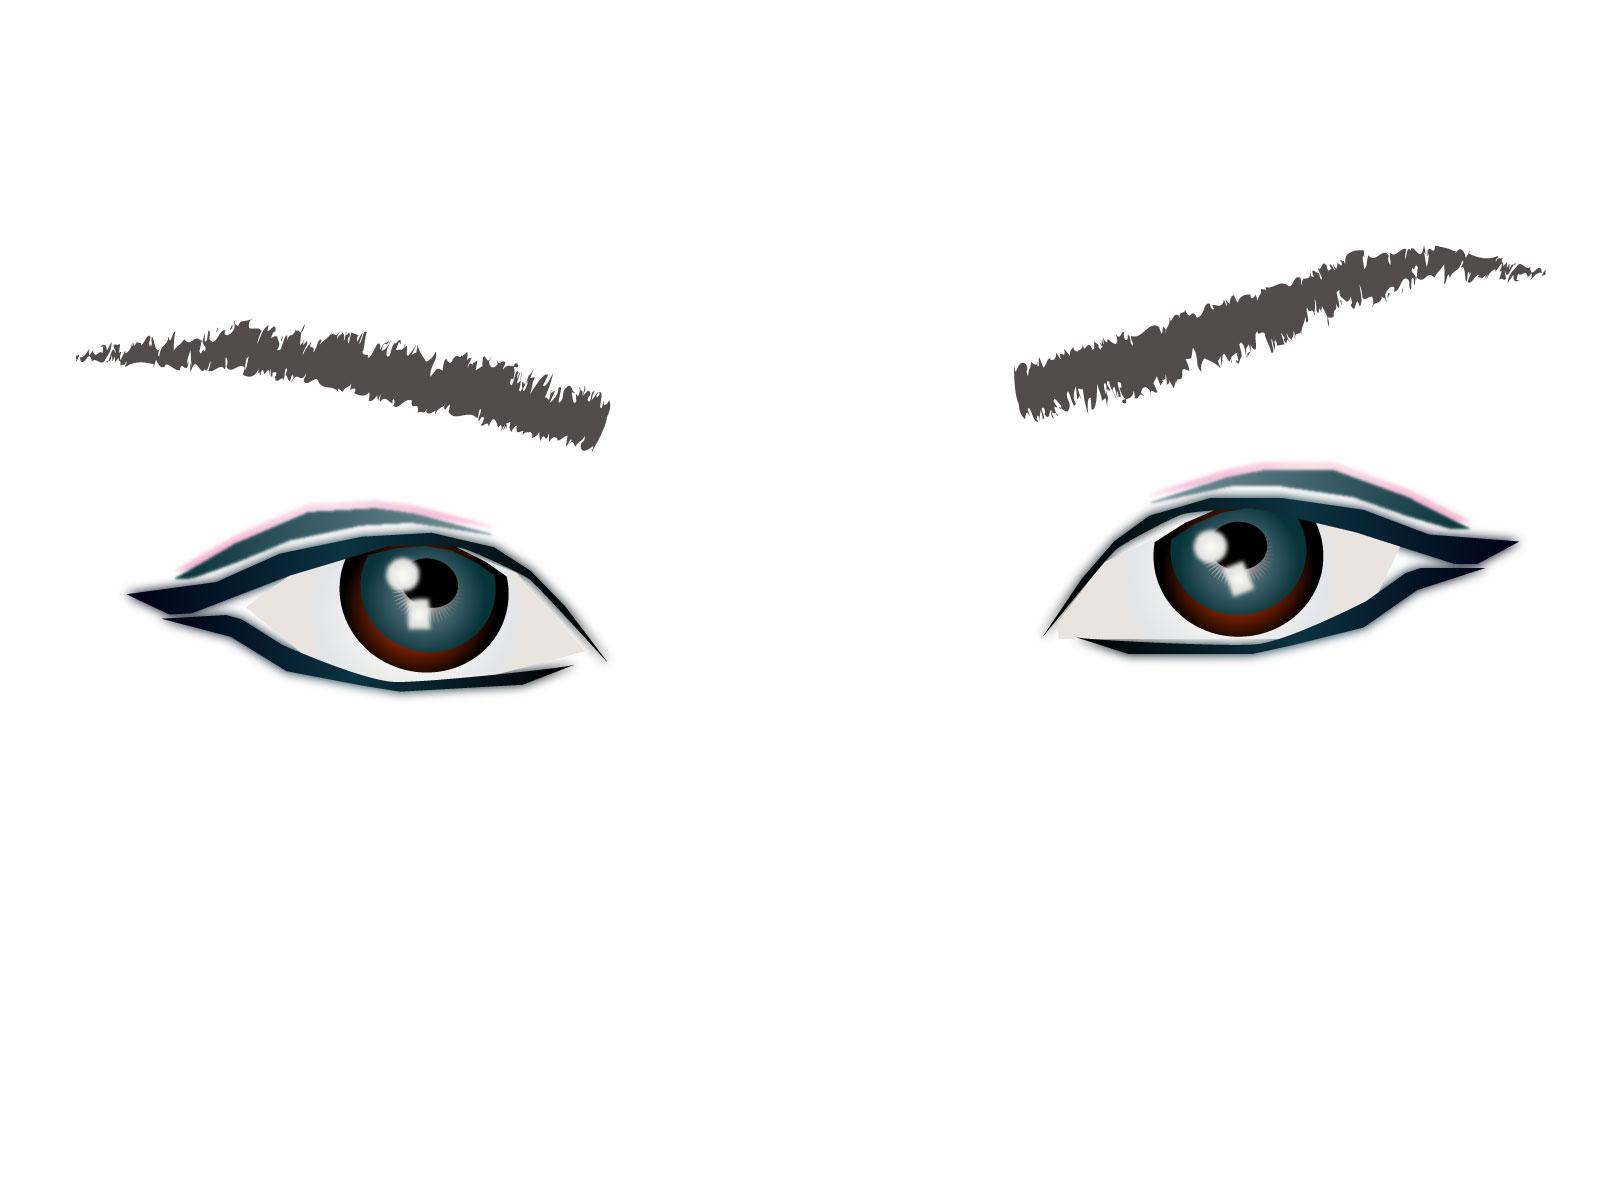 目の色素で決まる!目が茶色の人は紫外線に弱い理由